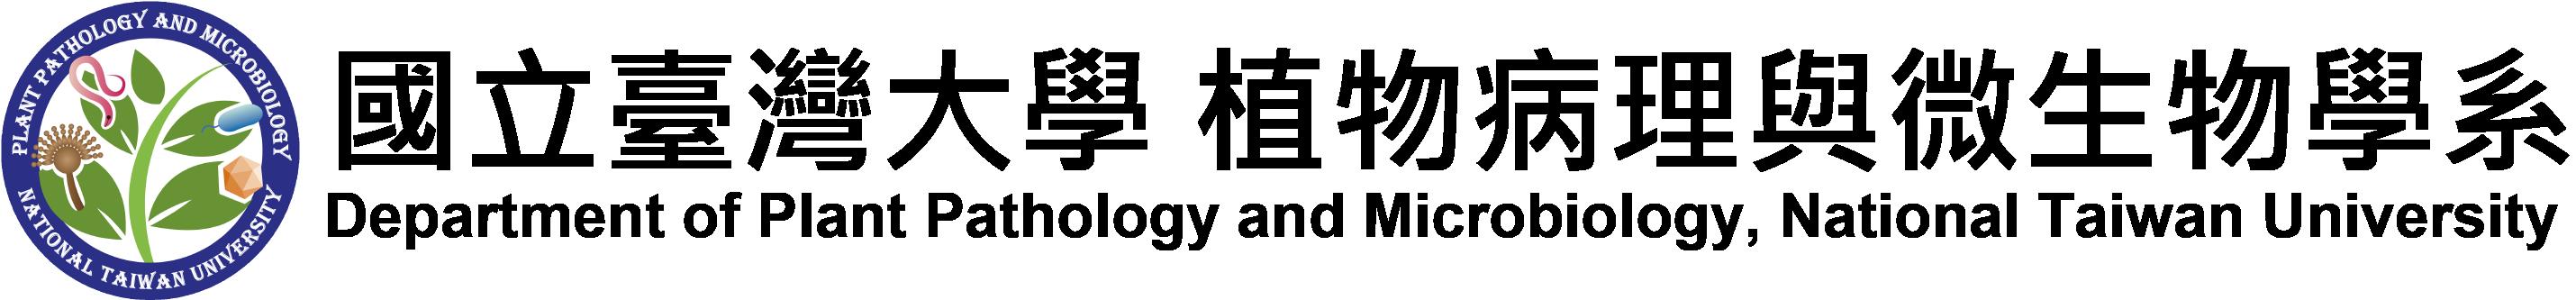 國立臺灣大學 植物病理與微生物學系